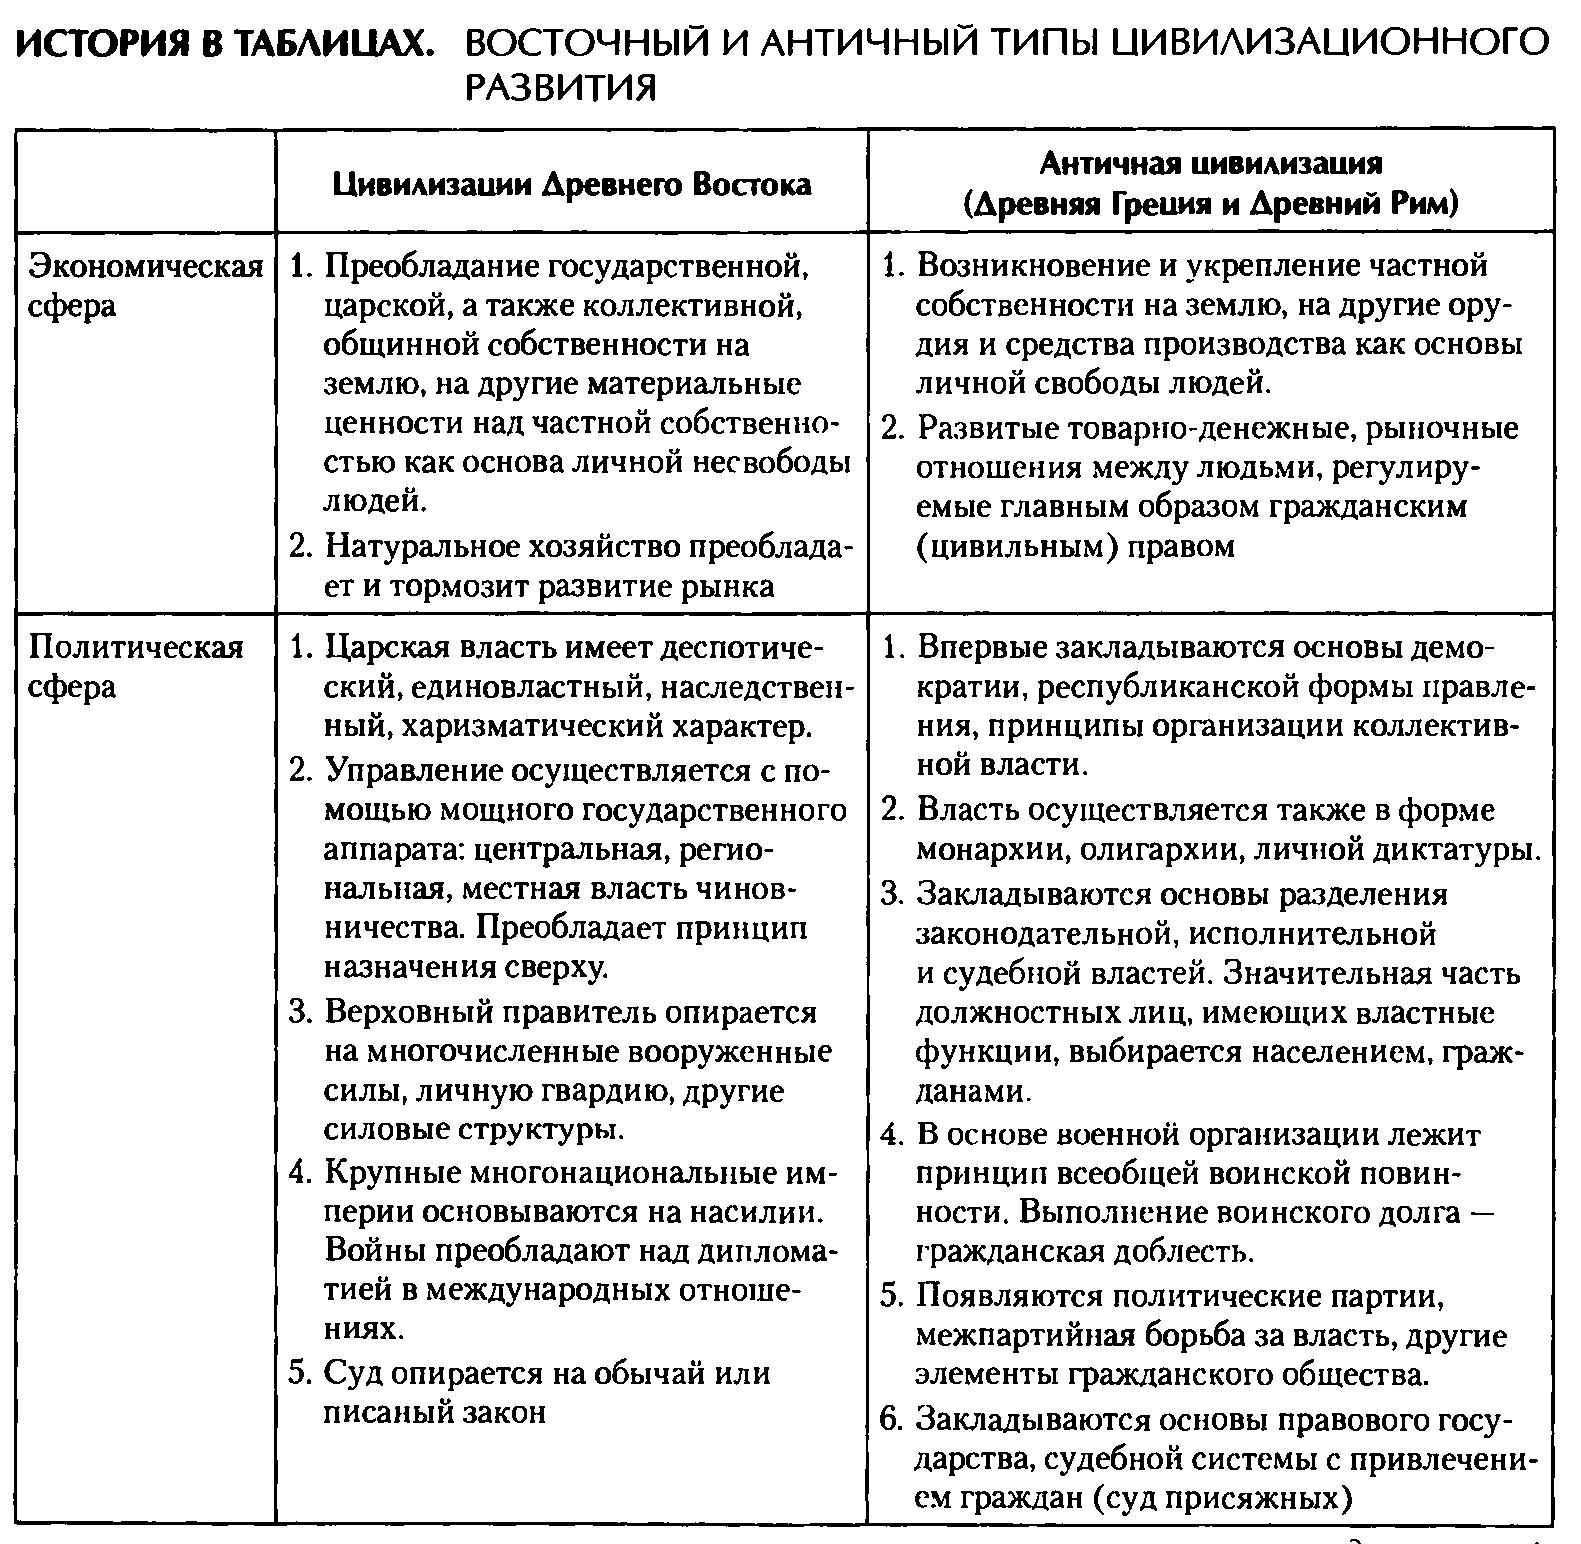 3.шпаргалка государственный строй стран древнего востока( общие черты и особенности)